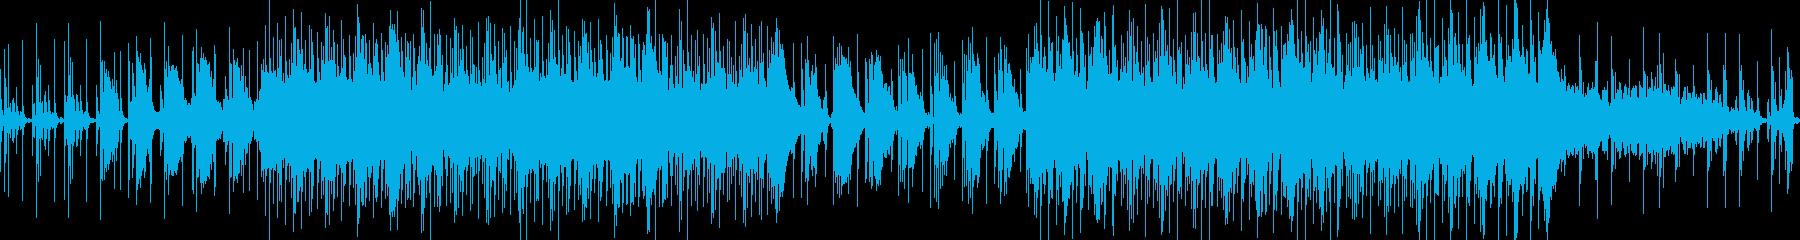 ◆ハウス音楽で落ち着いた雰囲気のBGMの再生済みの波形